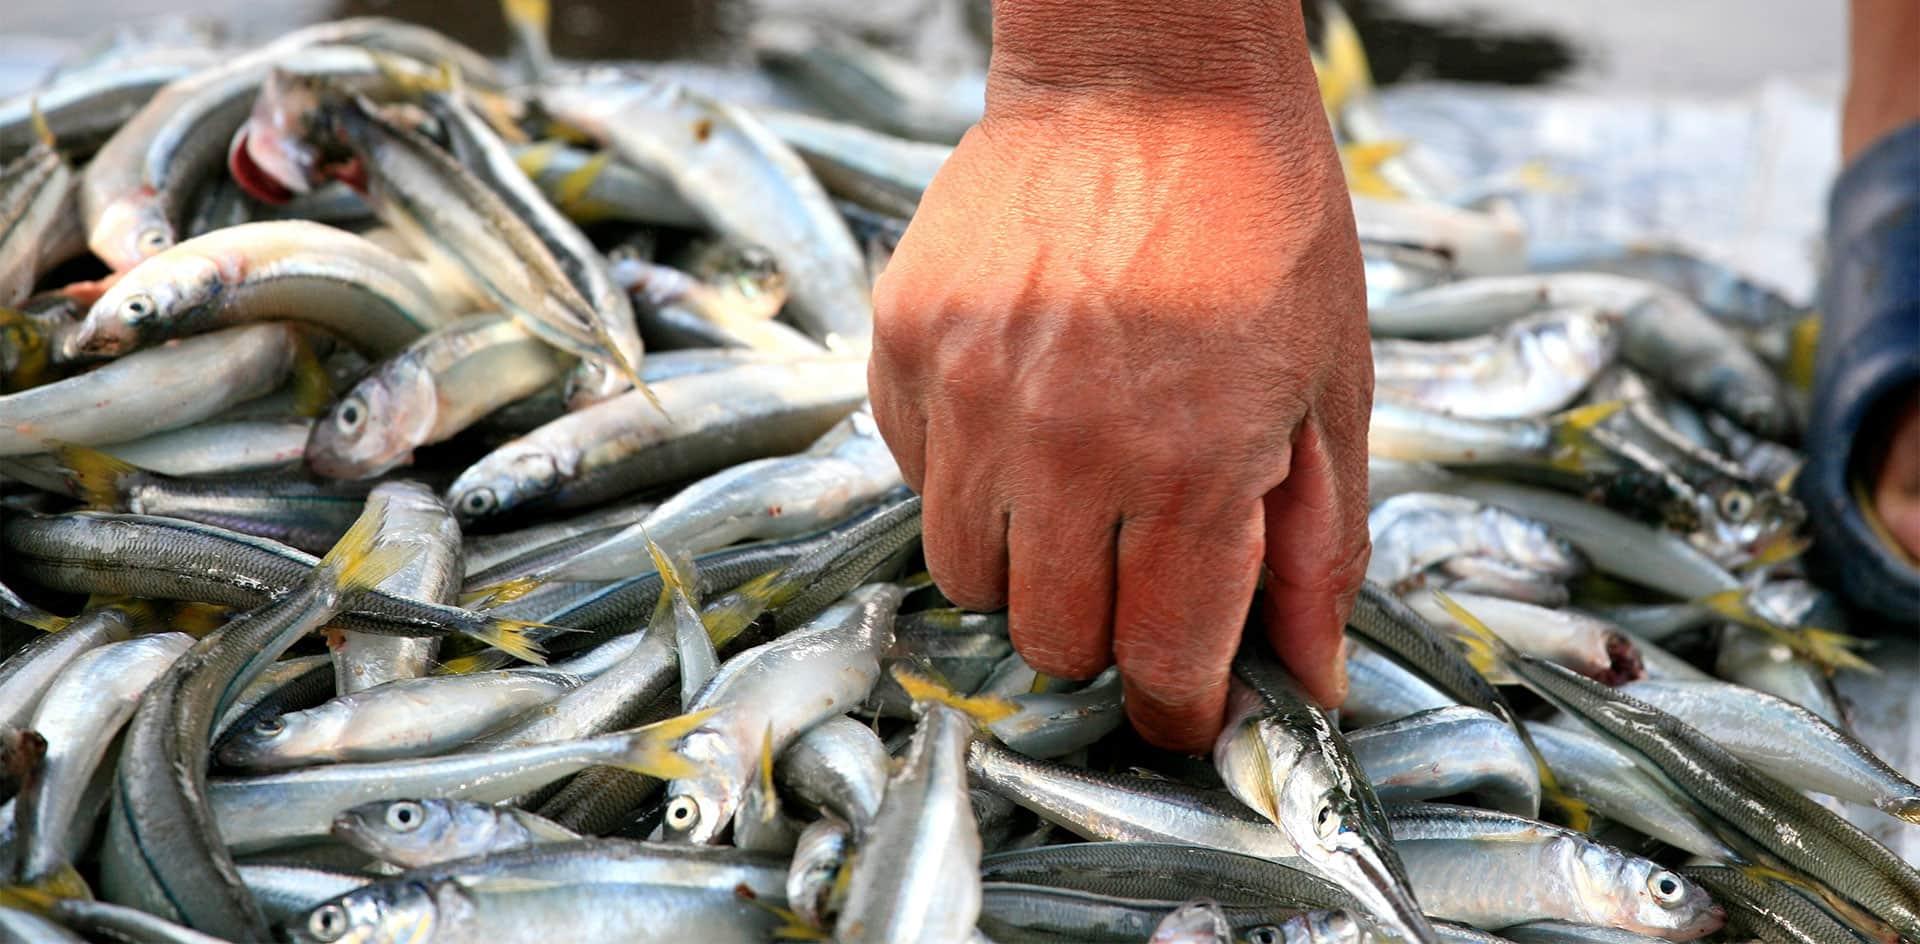 Las concentraciones de mercurio y arsénico en peces del embalse Río Tercero podrían afectar la salud de quienes los consumen